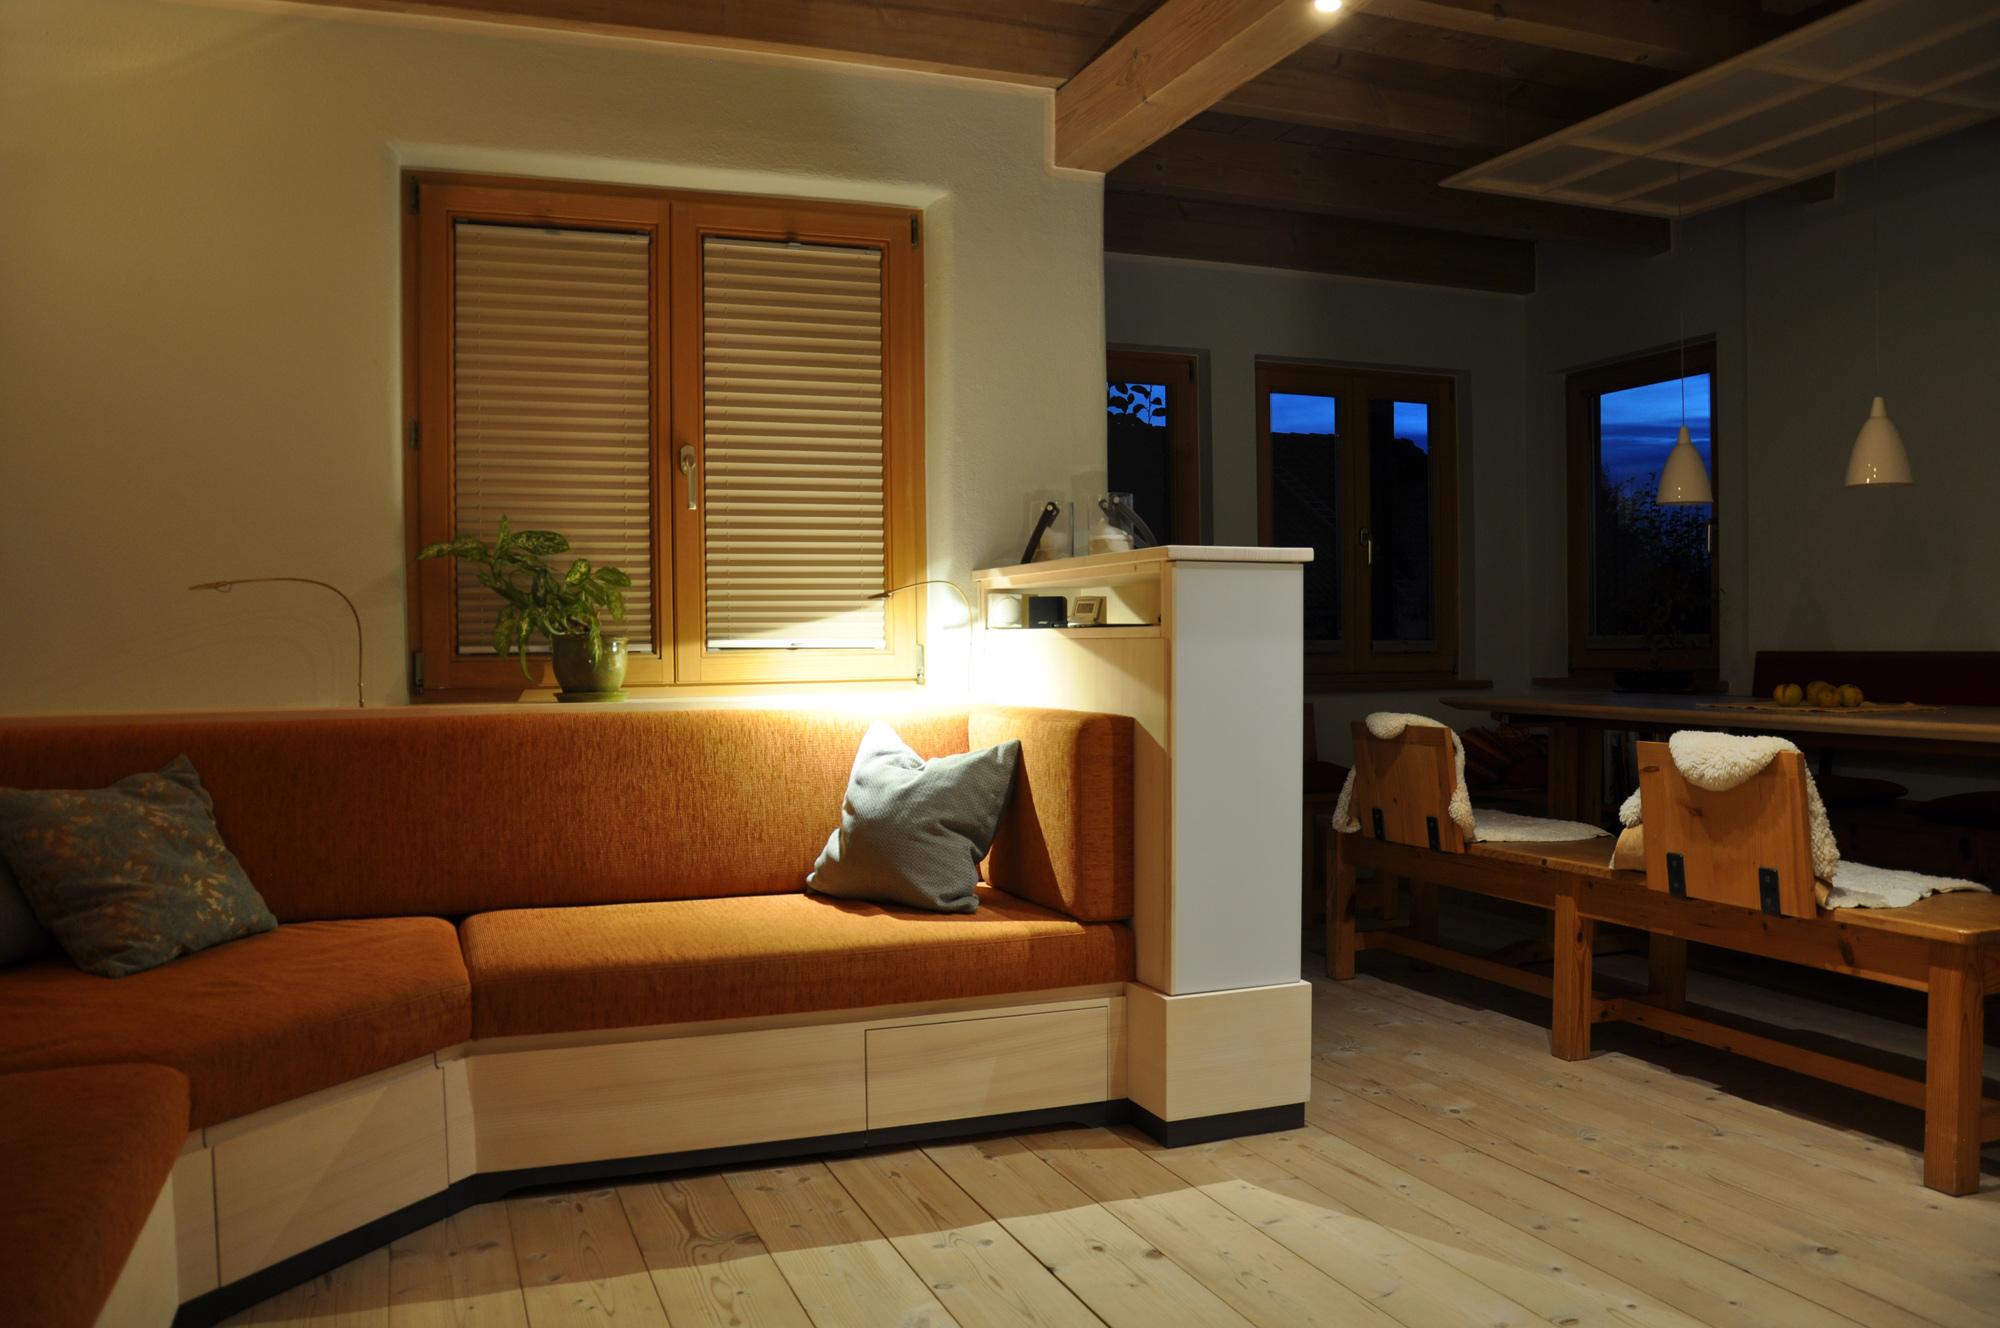 wohnzimmer couch michael daschner schreinerei murnau. Black Bedroom Furniture Sets. Home Design Ideas